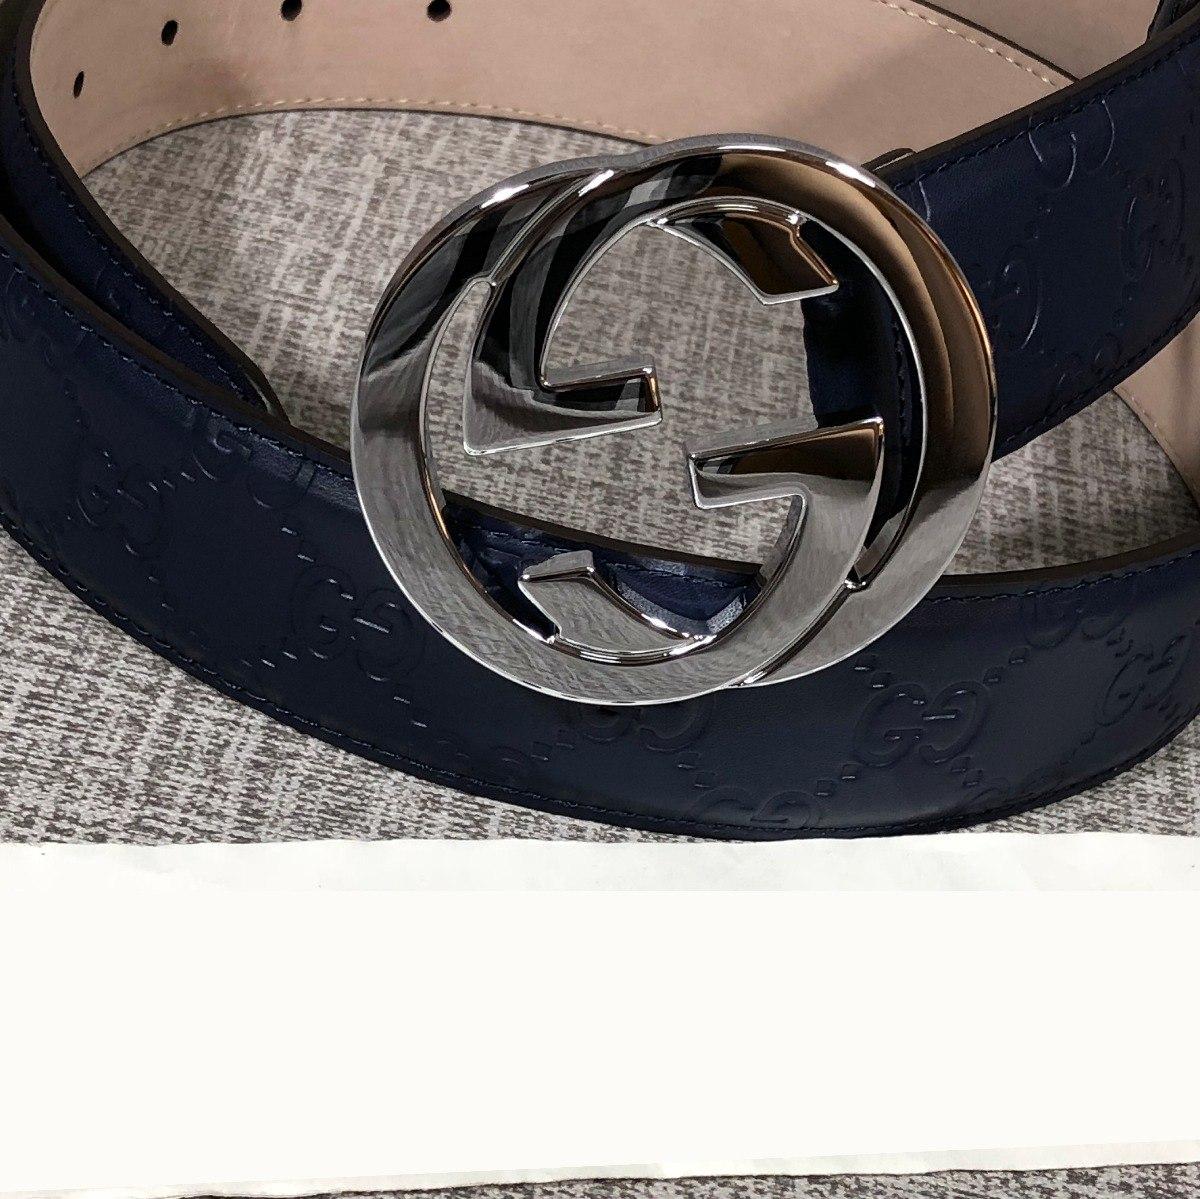 7a6d9736a Cinto Gucci Para Hombre - $ 3,700.00 en Mercado Libre